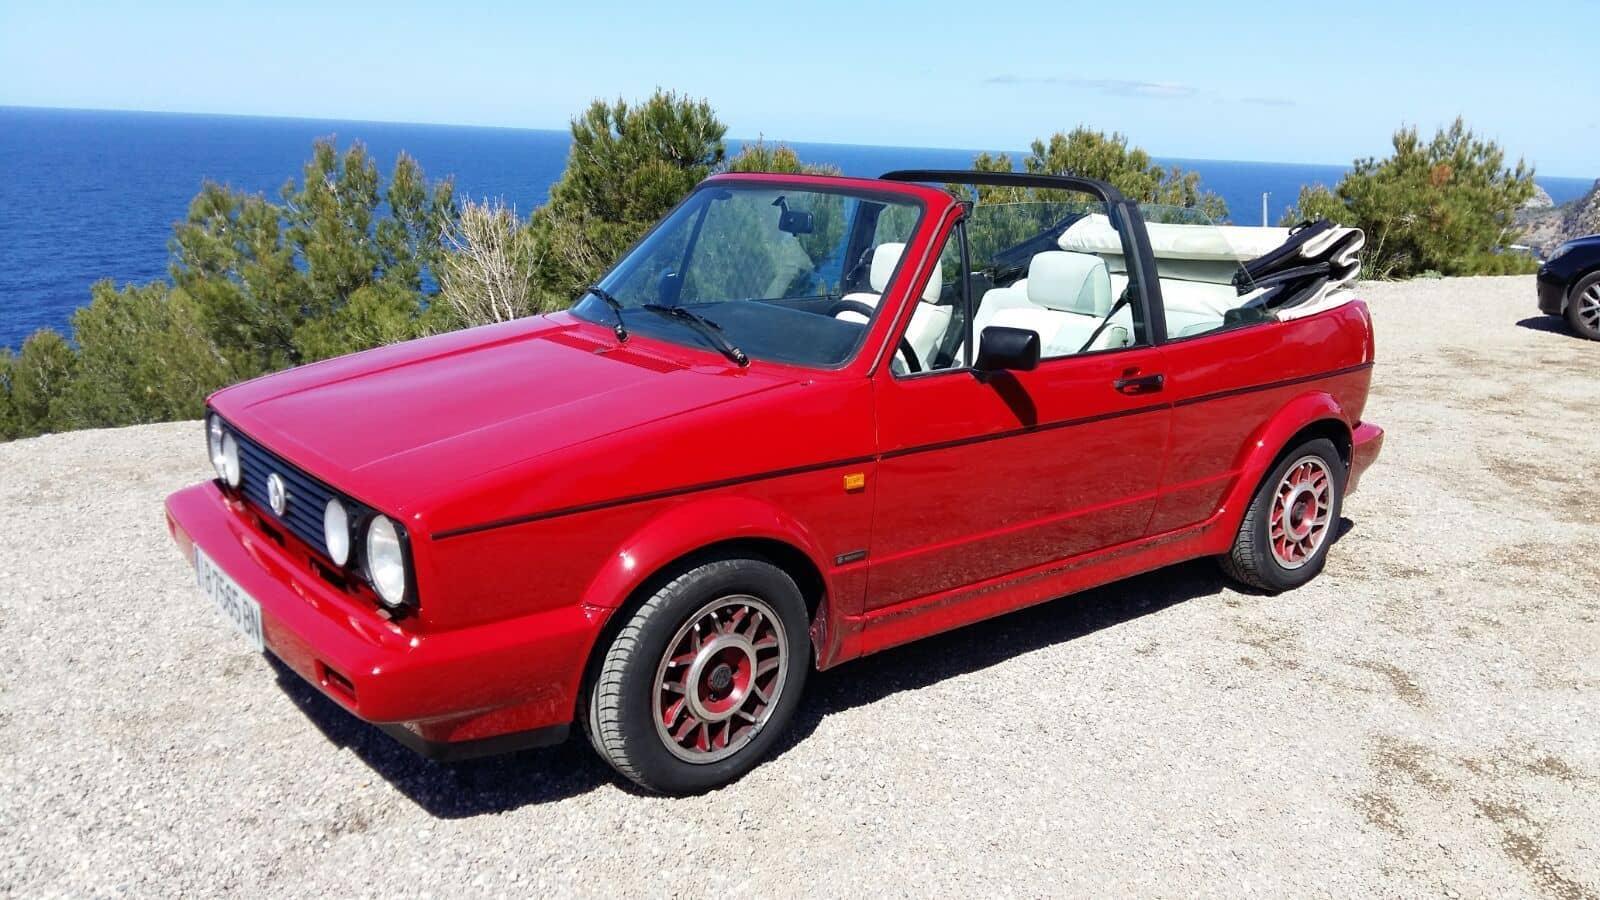 VW Golf MK1 Red